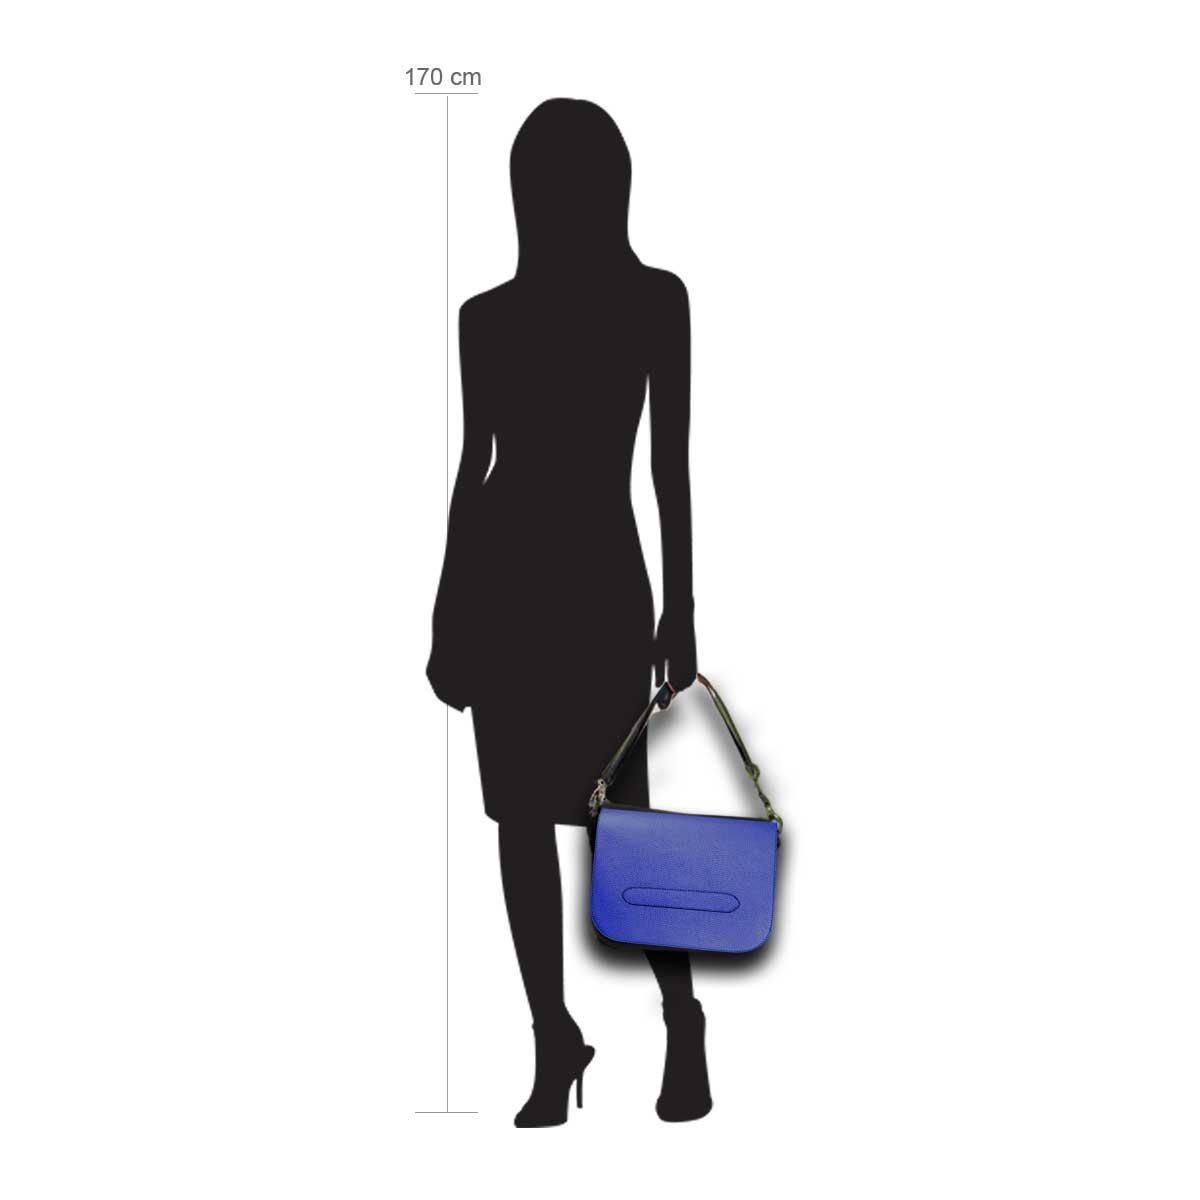 Modellpuppe 170 cm groß zeigt die Handtaschengröße an der Person Modell:Mauritius